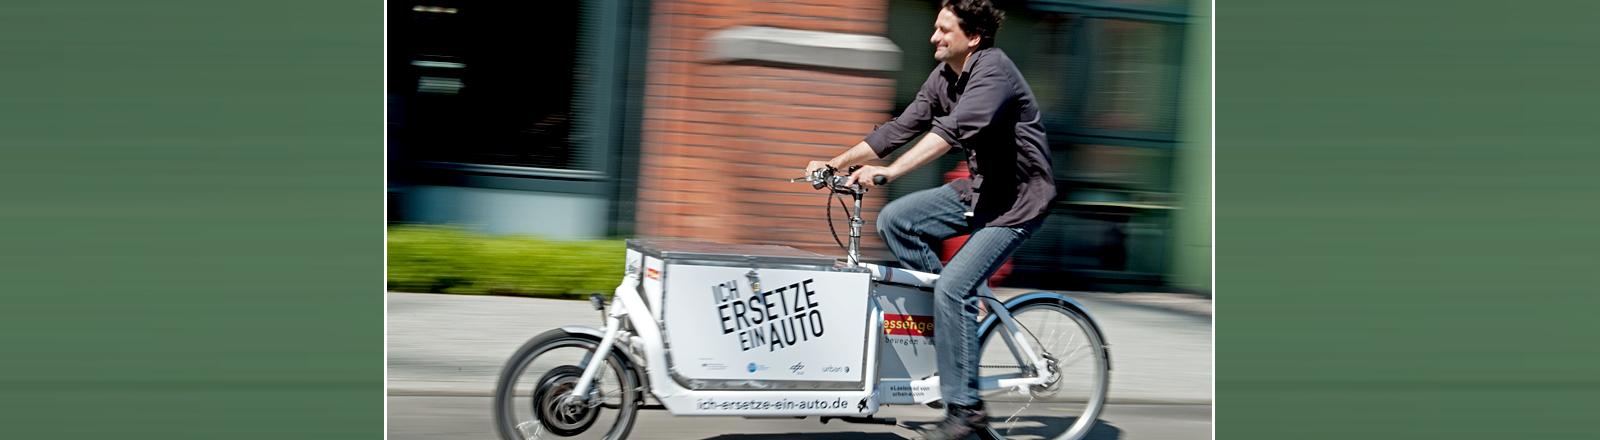 Mann mit einem E-Bike, das vorne einen Laderaum hat.